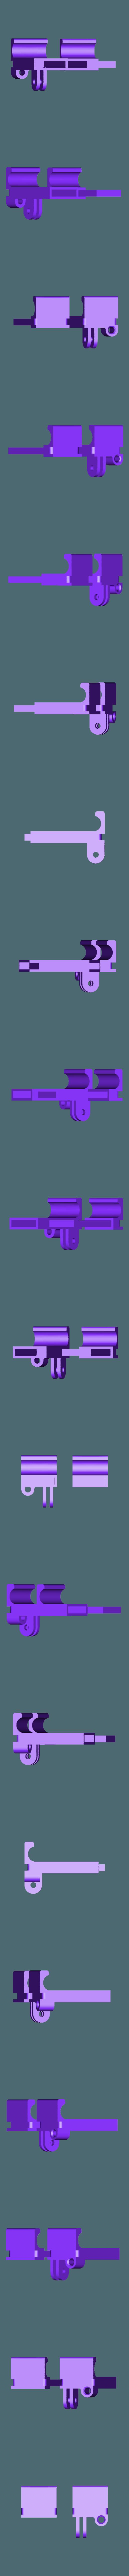 V1_phon_grip_all.stl Download free STL file tripod / GoPro phone mount • 3D printer model, MakeItWork